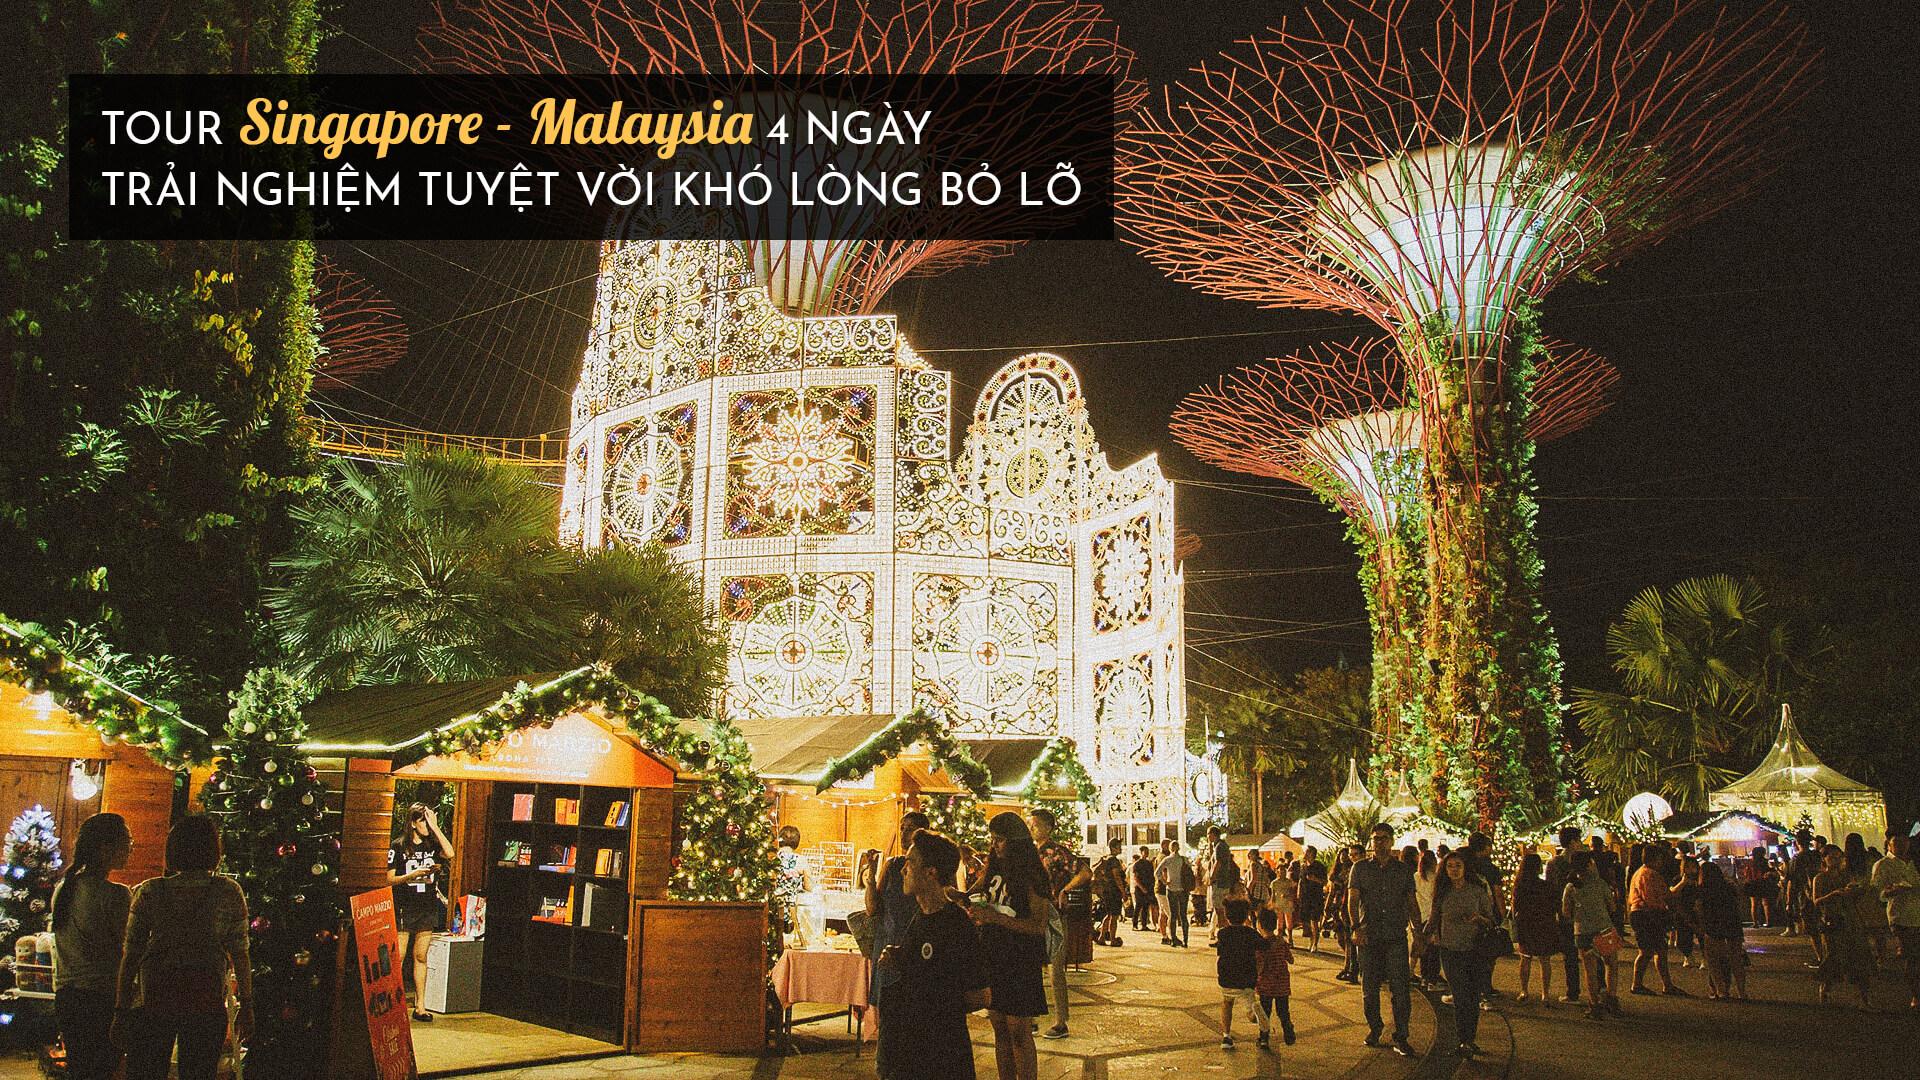 Tour Singapore - Malaysia 4 ngày - TRỌN GÓI CHỈ 7.390.000Đ